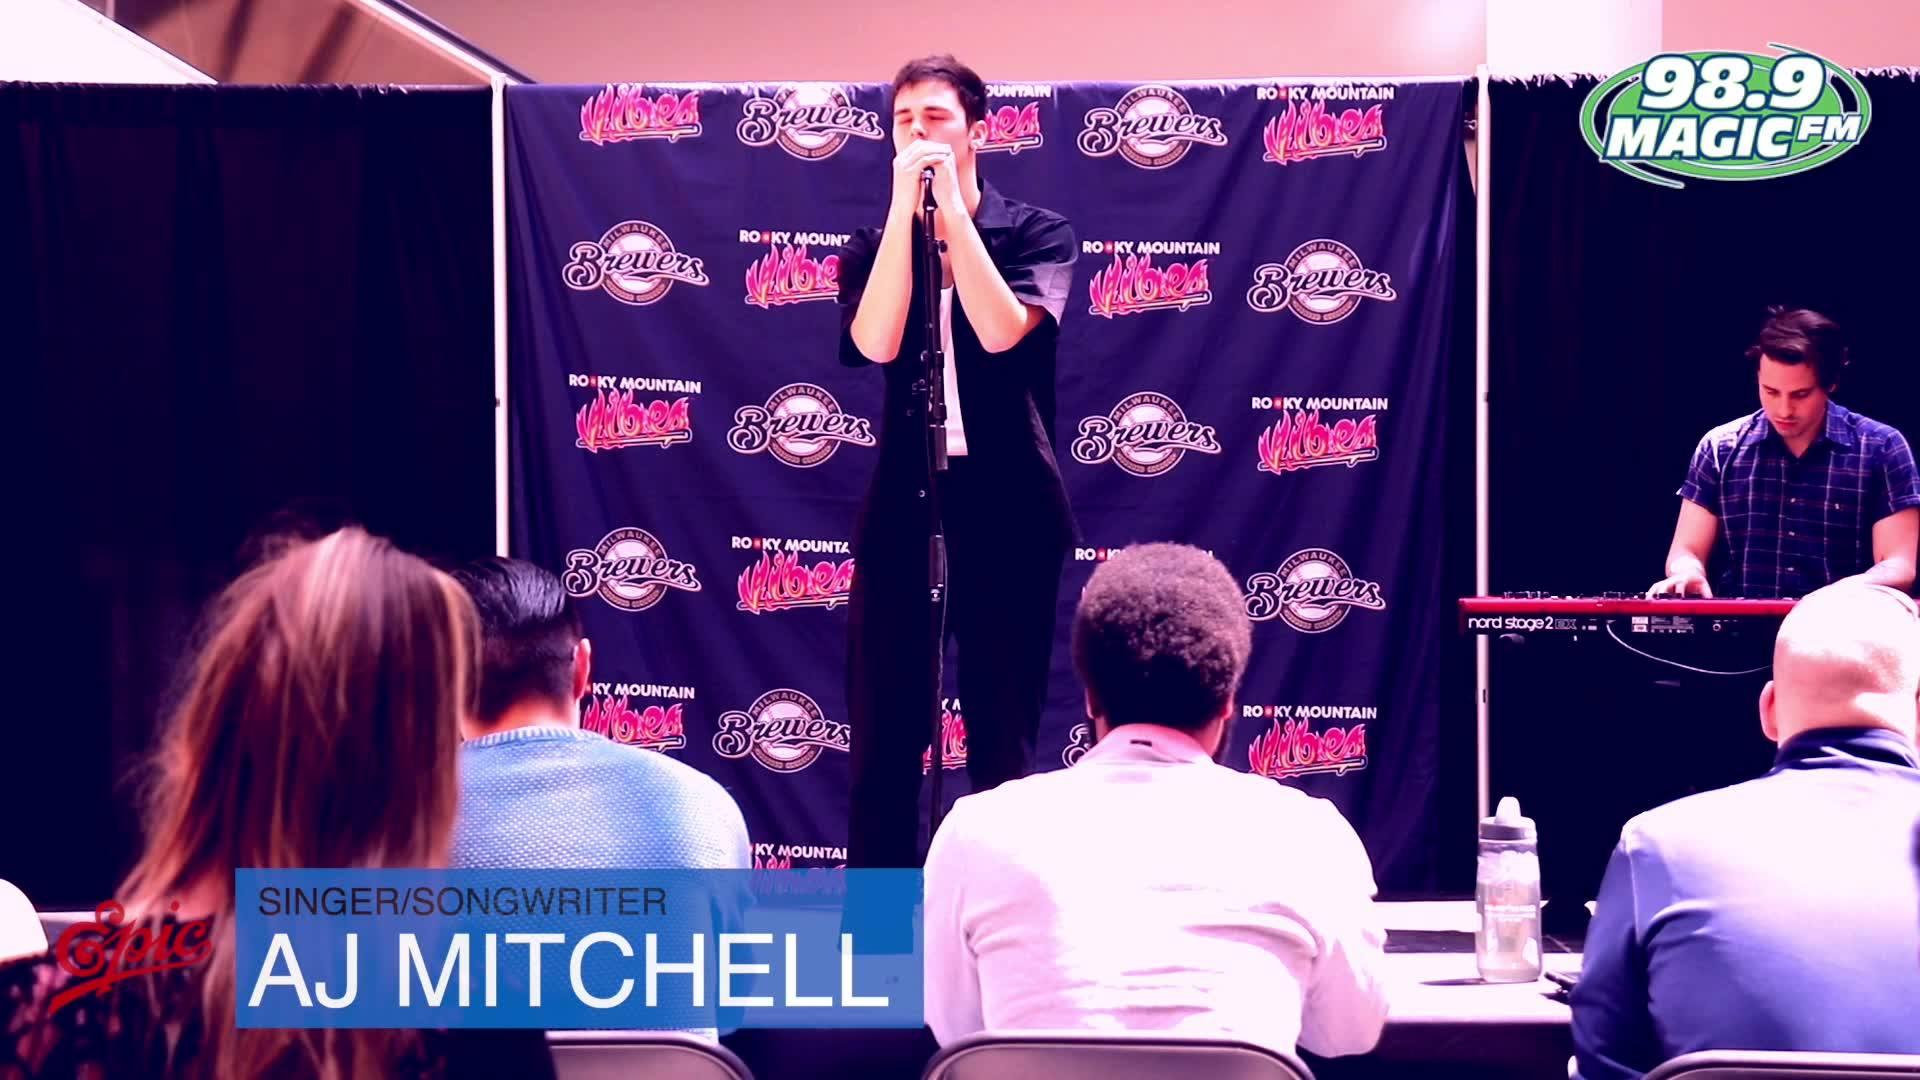 AJ Mitchell at Chapel Hills With Magic FM